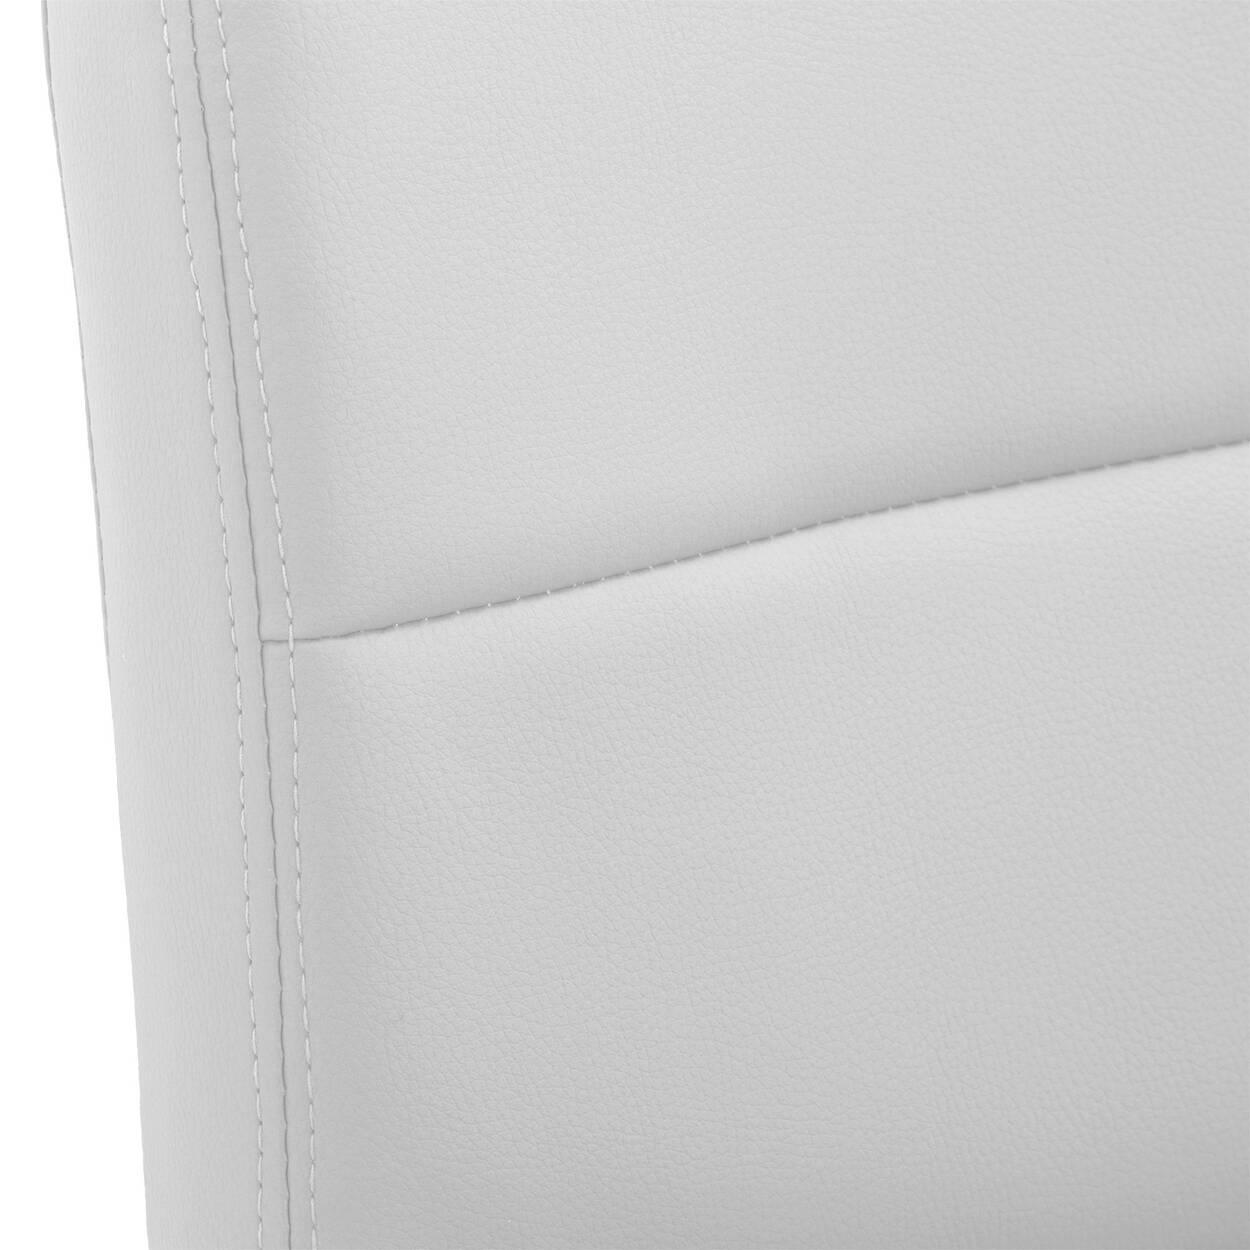 Tabouret de bar ajustable en similicuir mat et en chrome